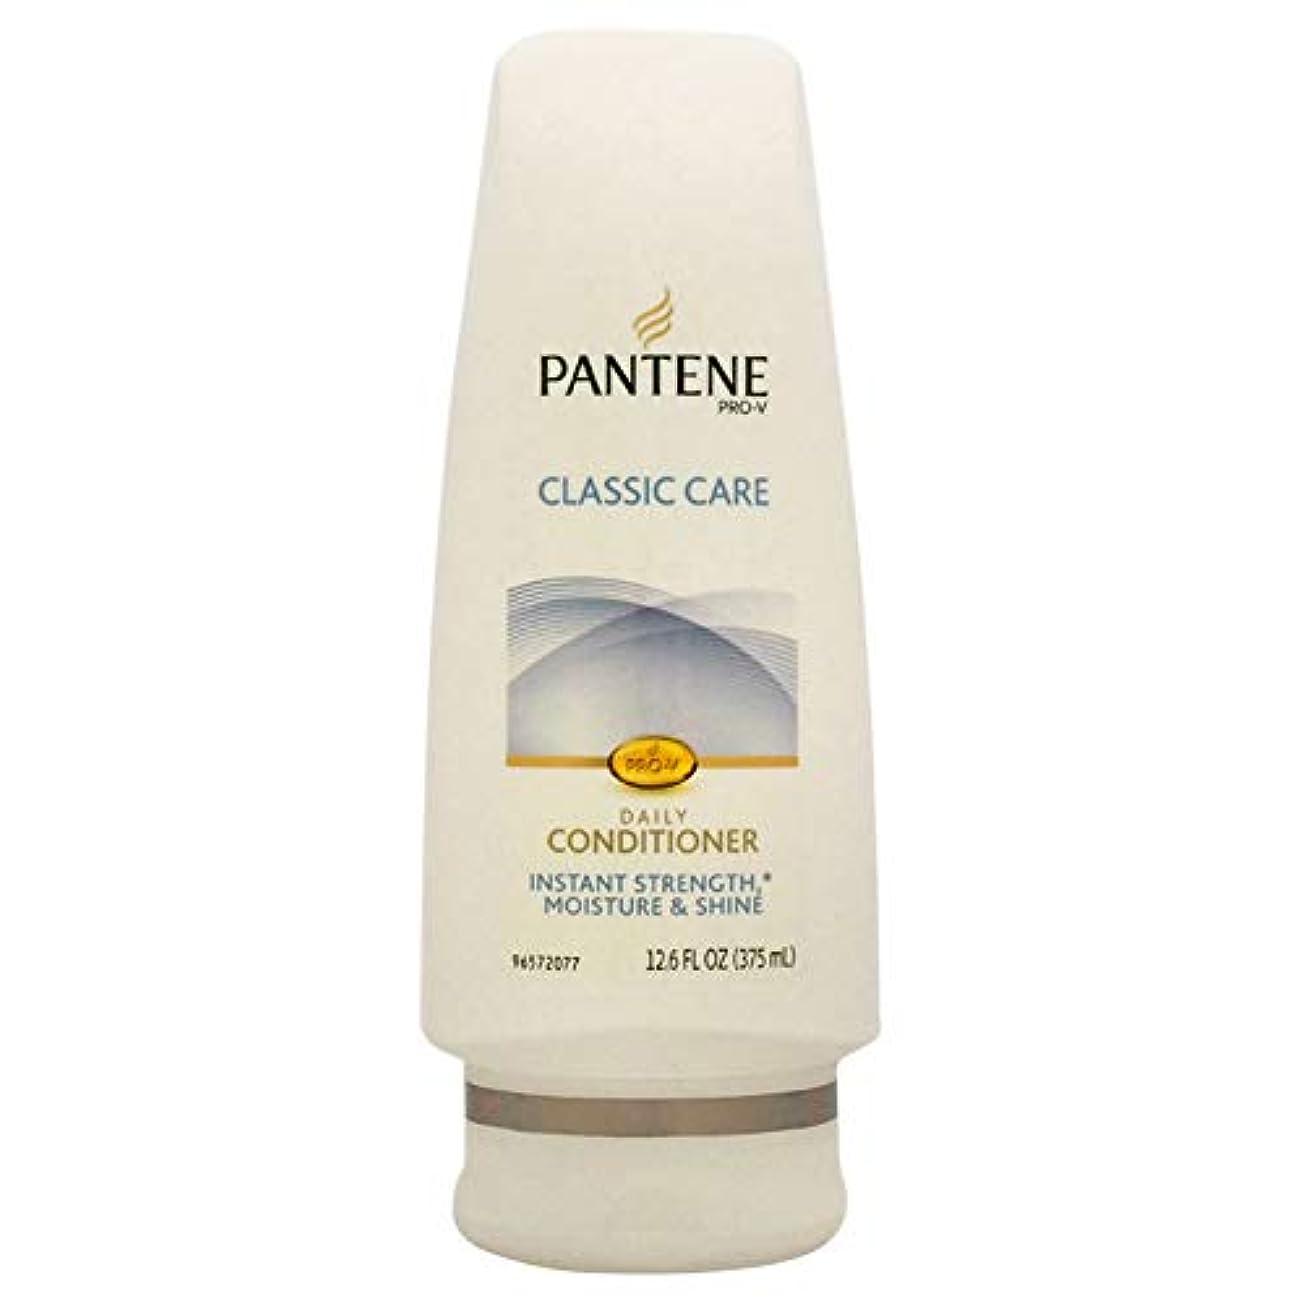 位置する休日に定期的PANTENE COND CLASSIC CARE 12.6 OZ by Pantene